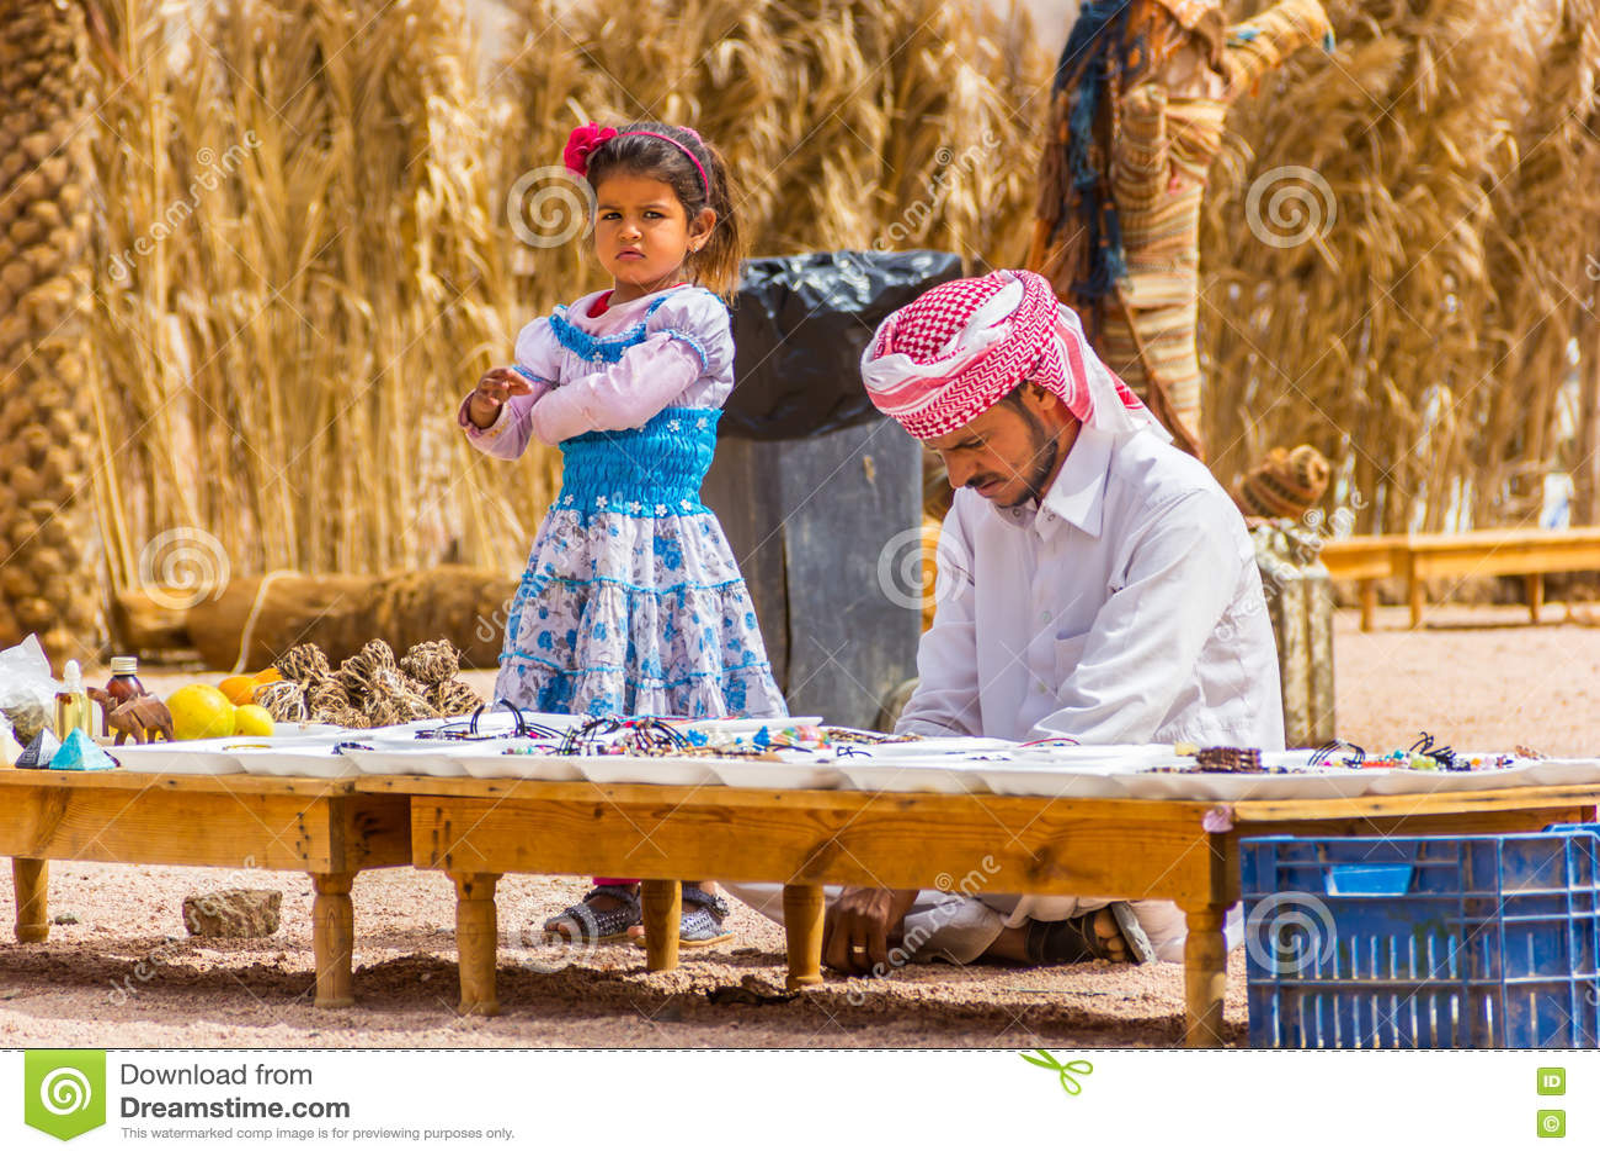 Download Бедуин и его дочь держат сувенирный магазин в пустыне Редакционное Стоковое Изображение - изображение насчитывающей плох, египетско: 72286964